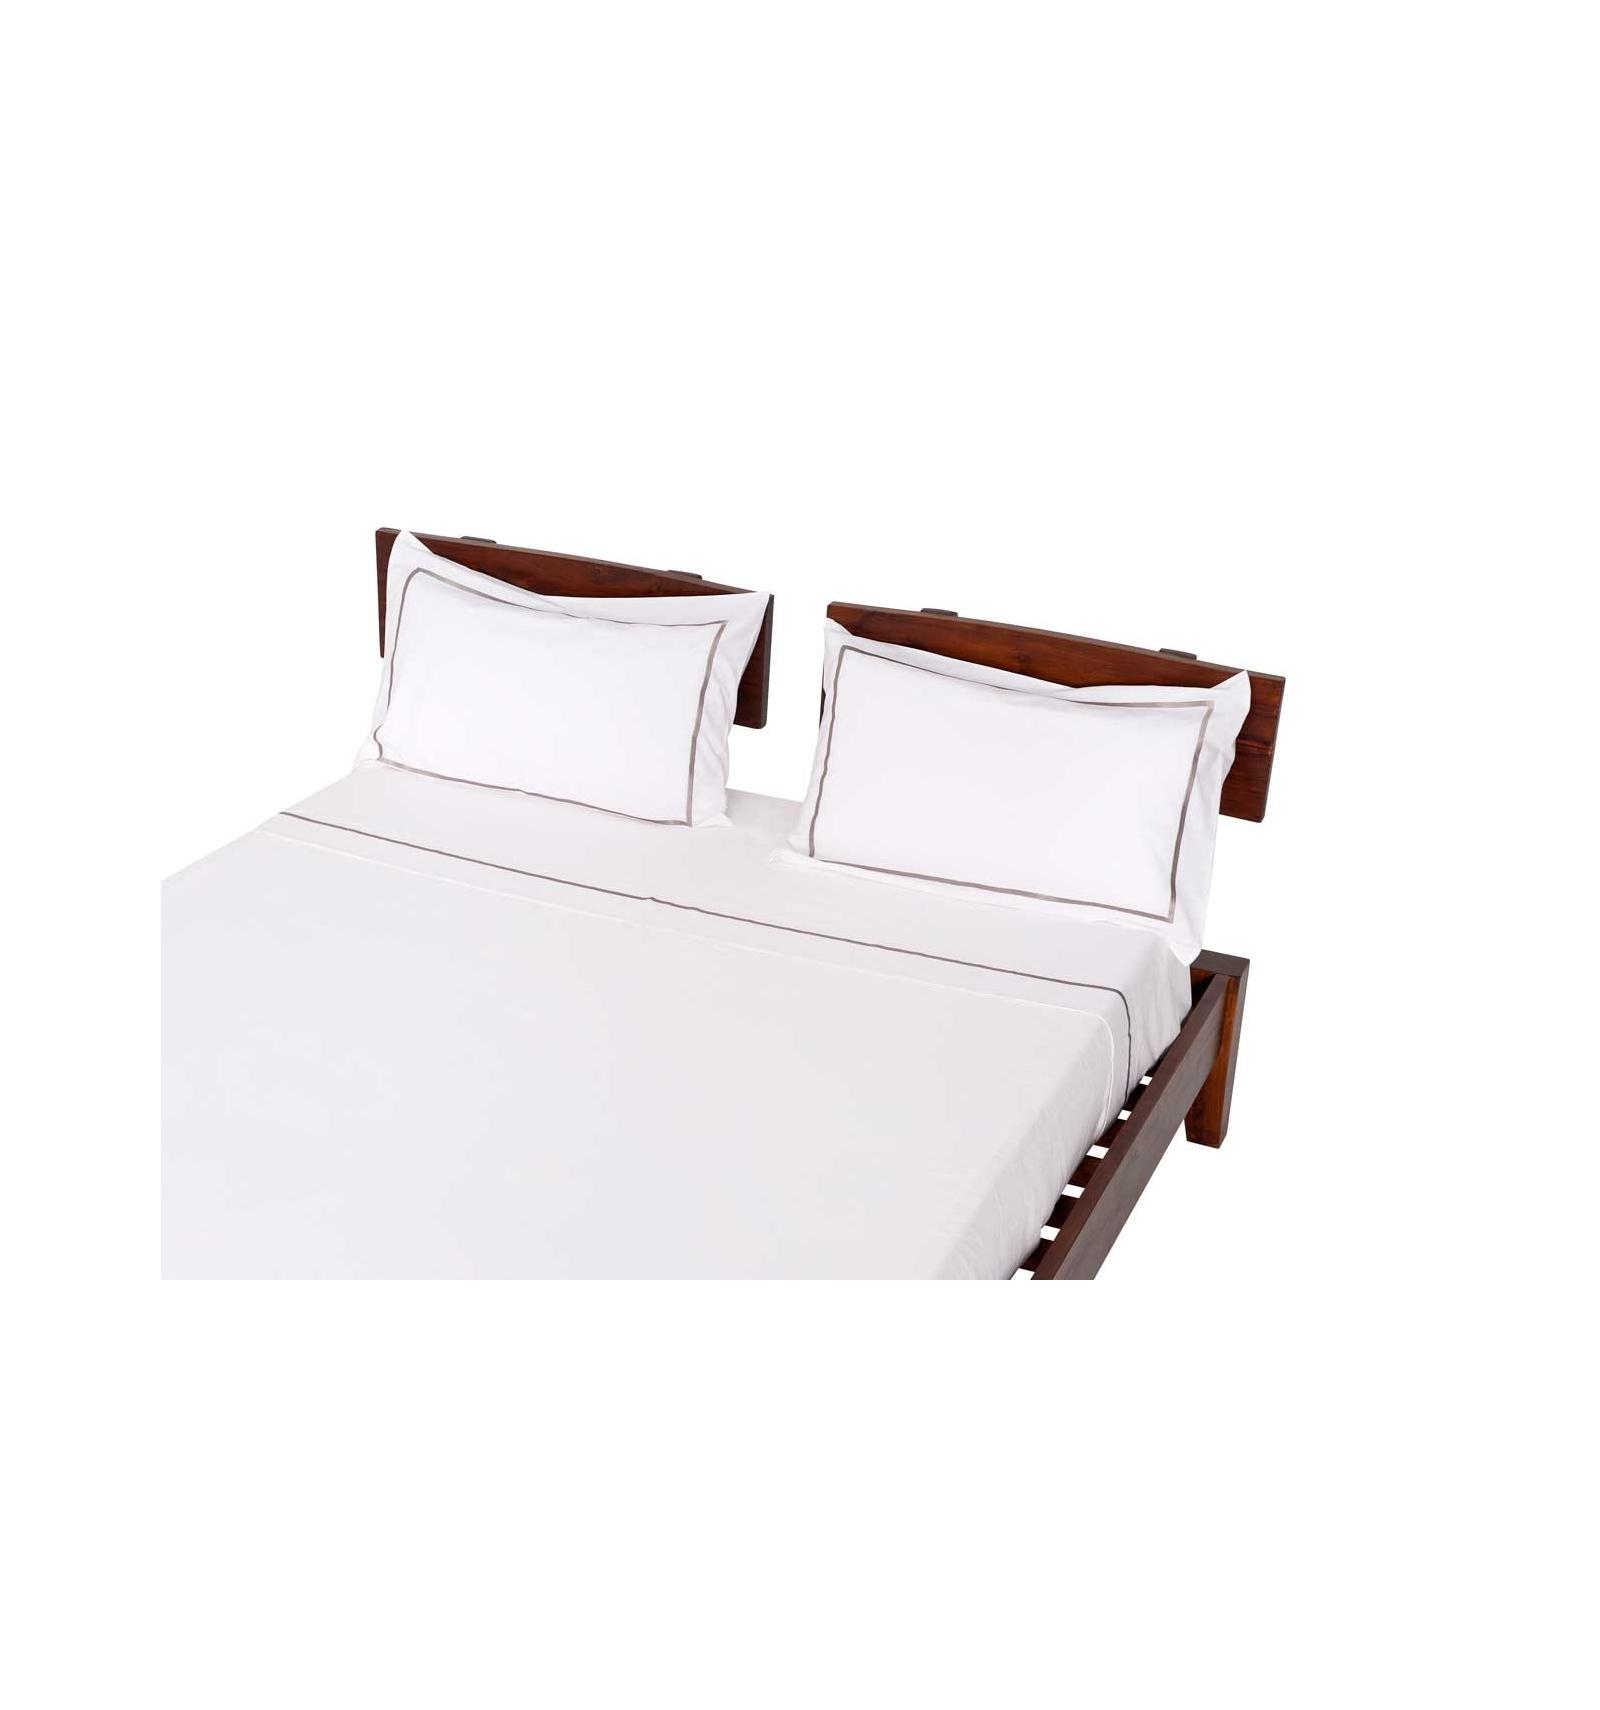 drap. Black Bedroom Furniture Sets. Home Design Ideas